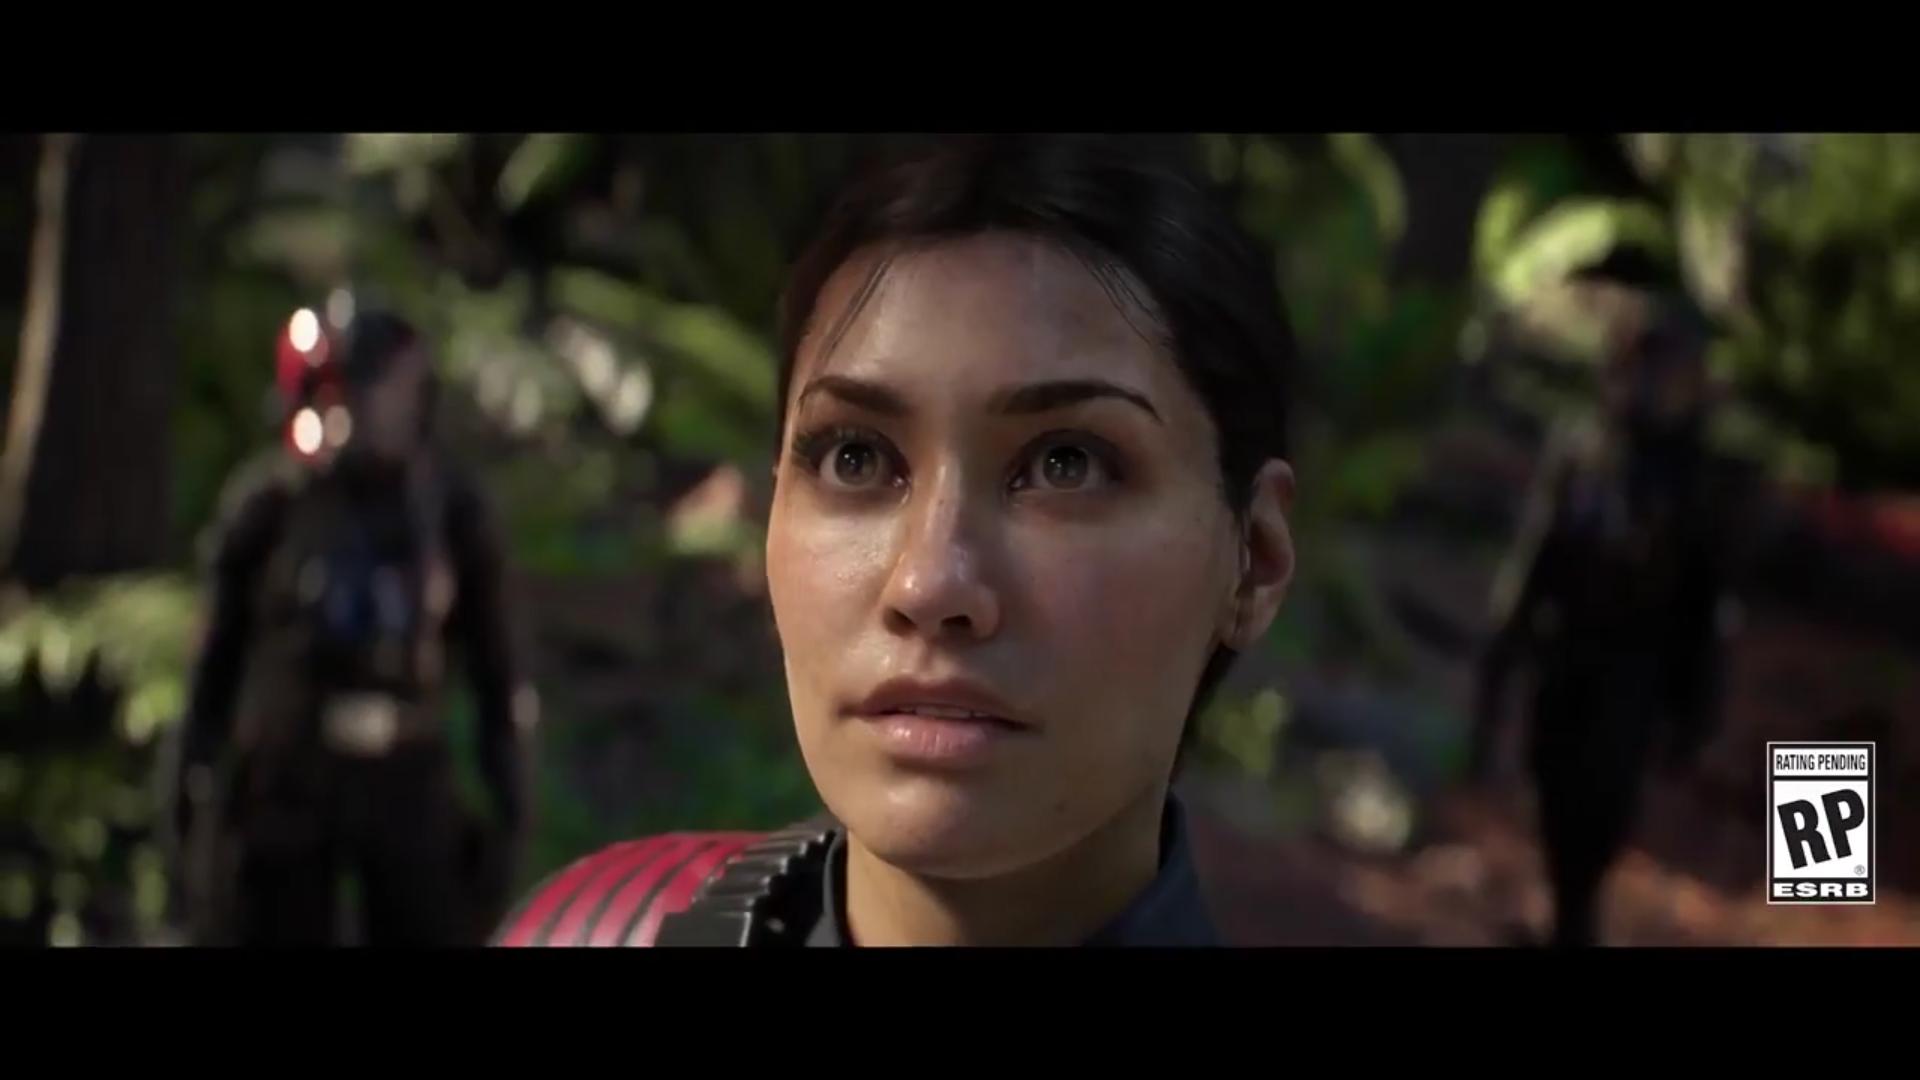 Star Wars Battlefront II Teaser Leaks Online Early 25